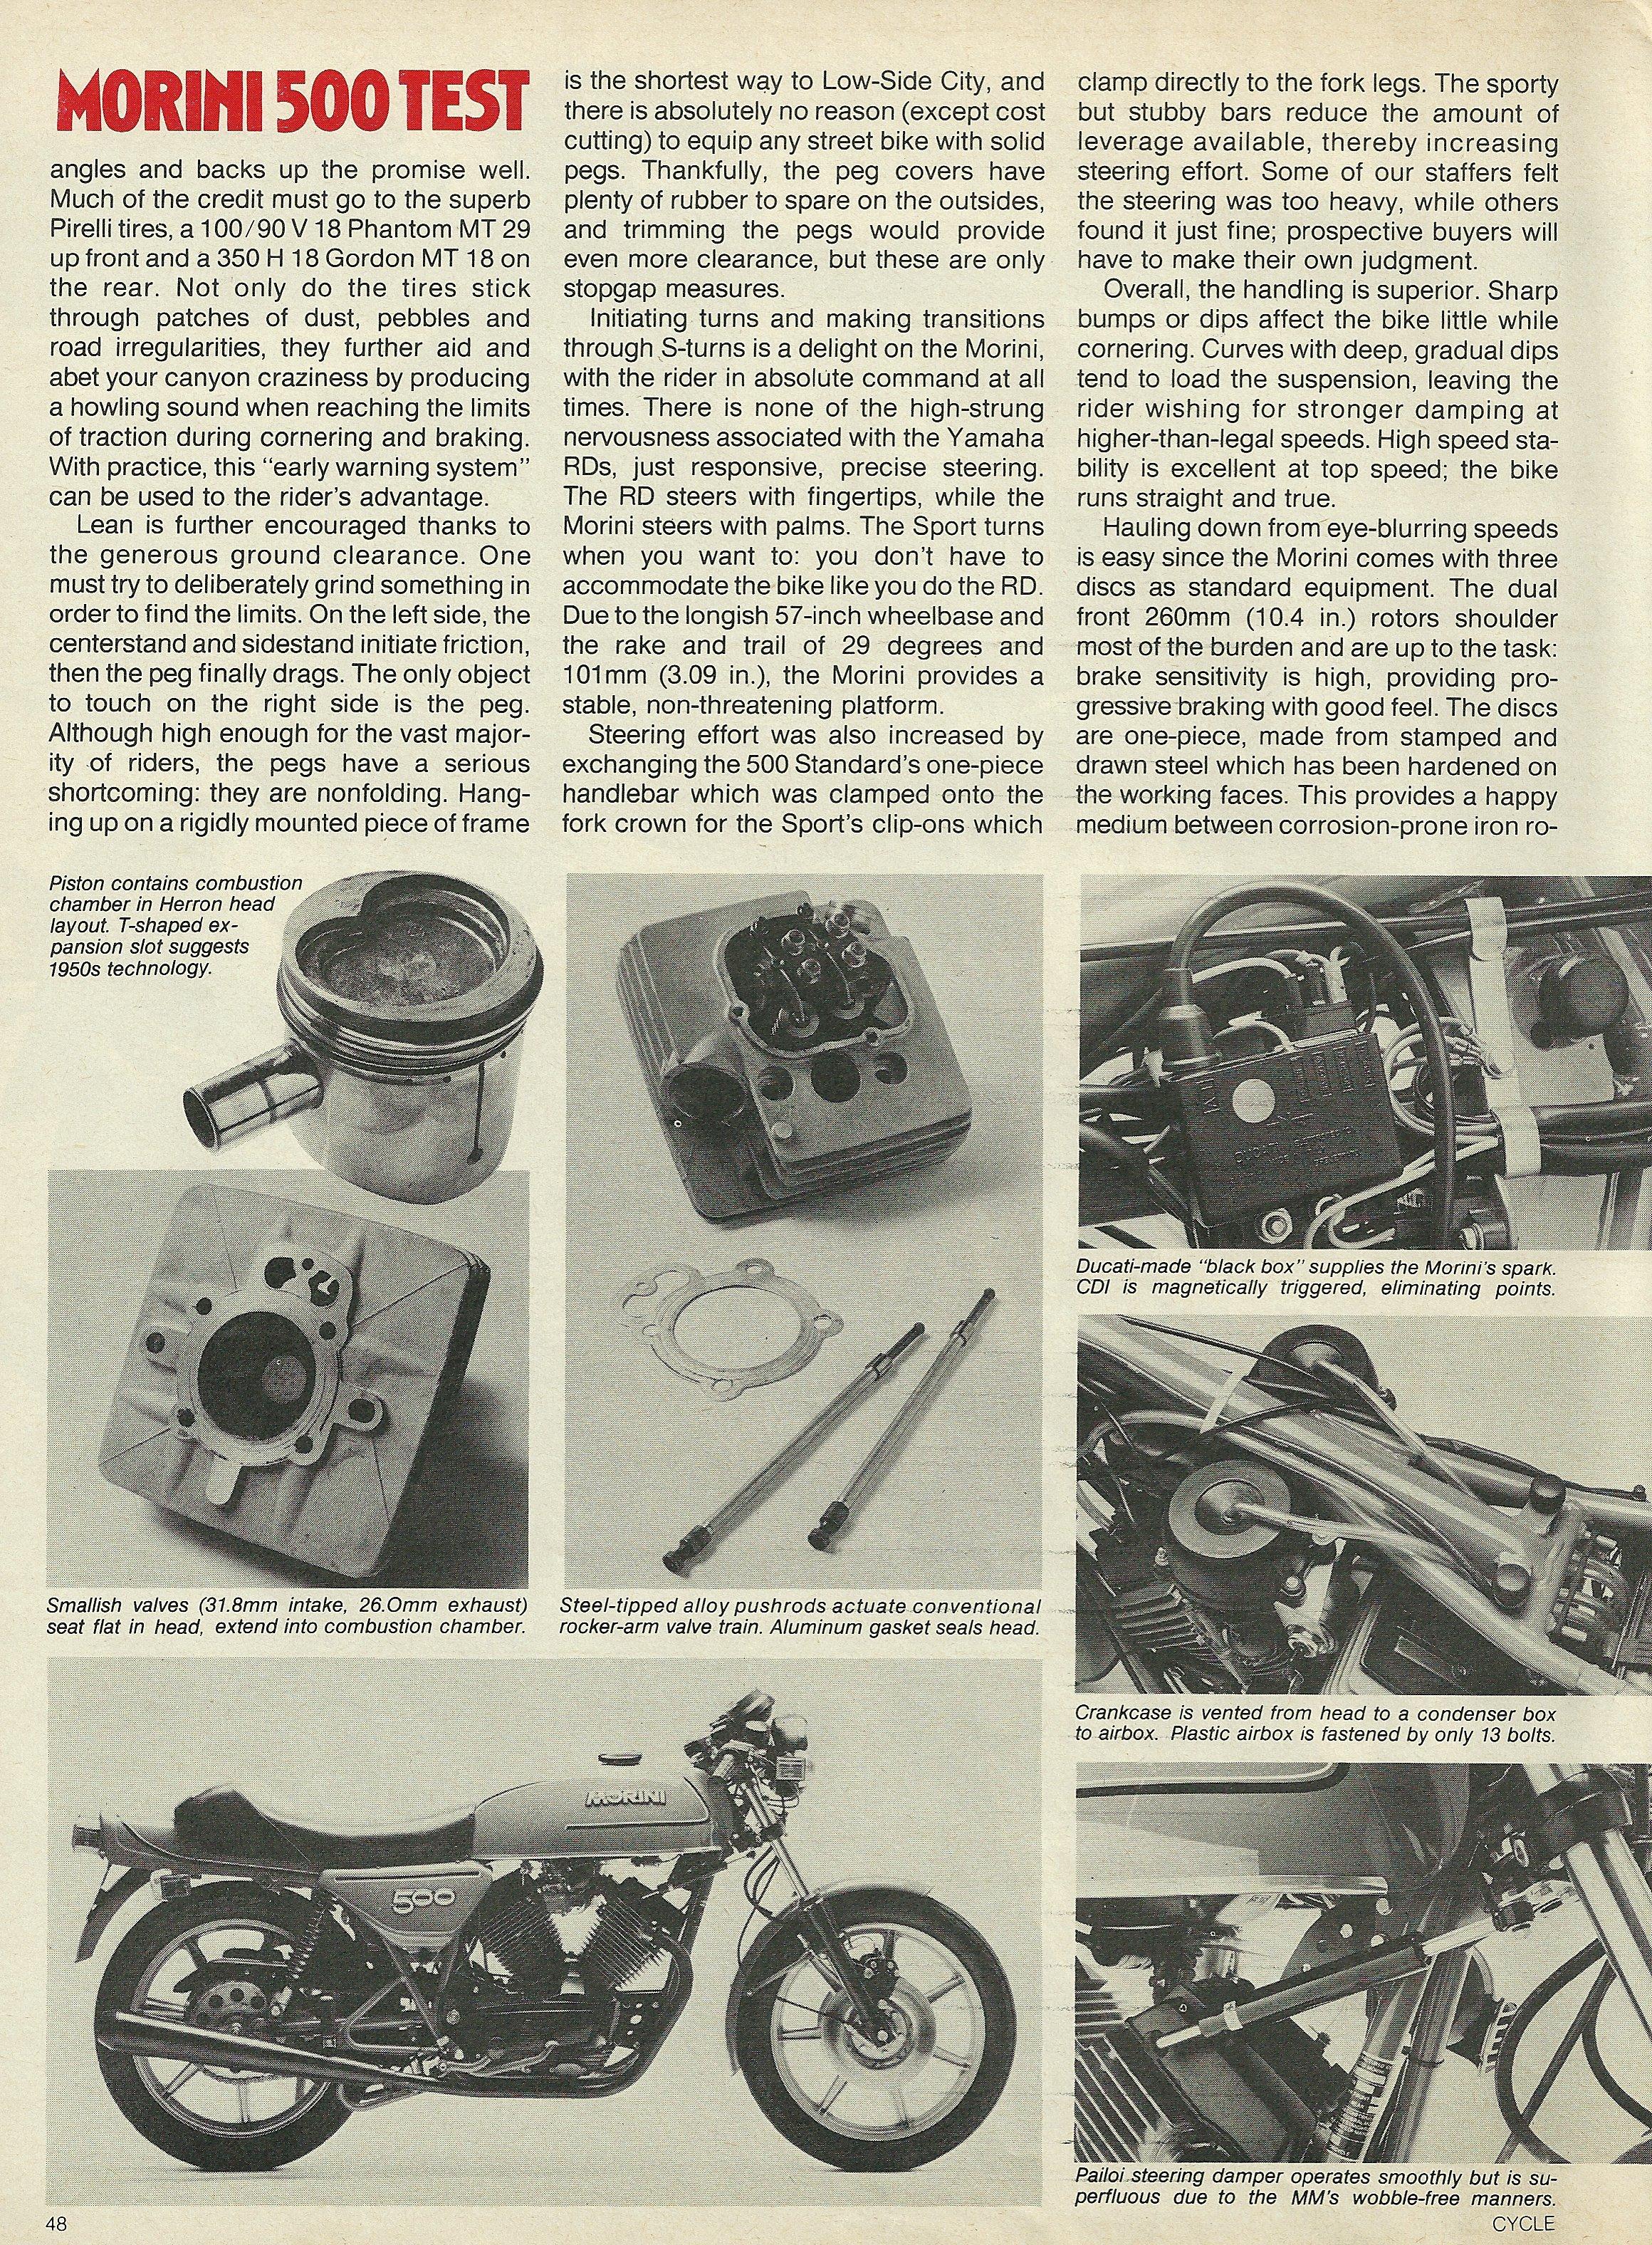 1980 Moto Morini 500 Sport road test 3.JPG